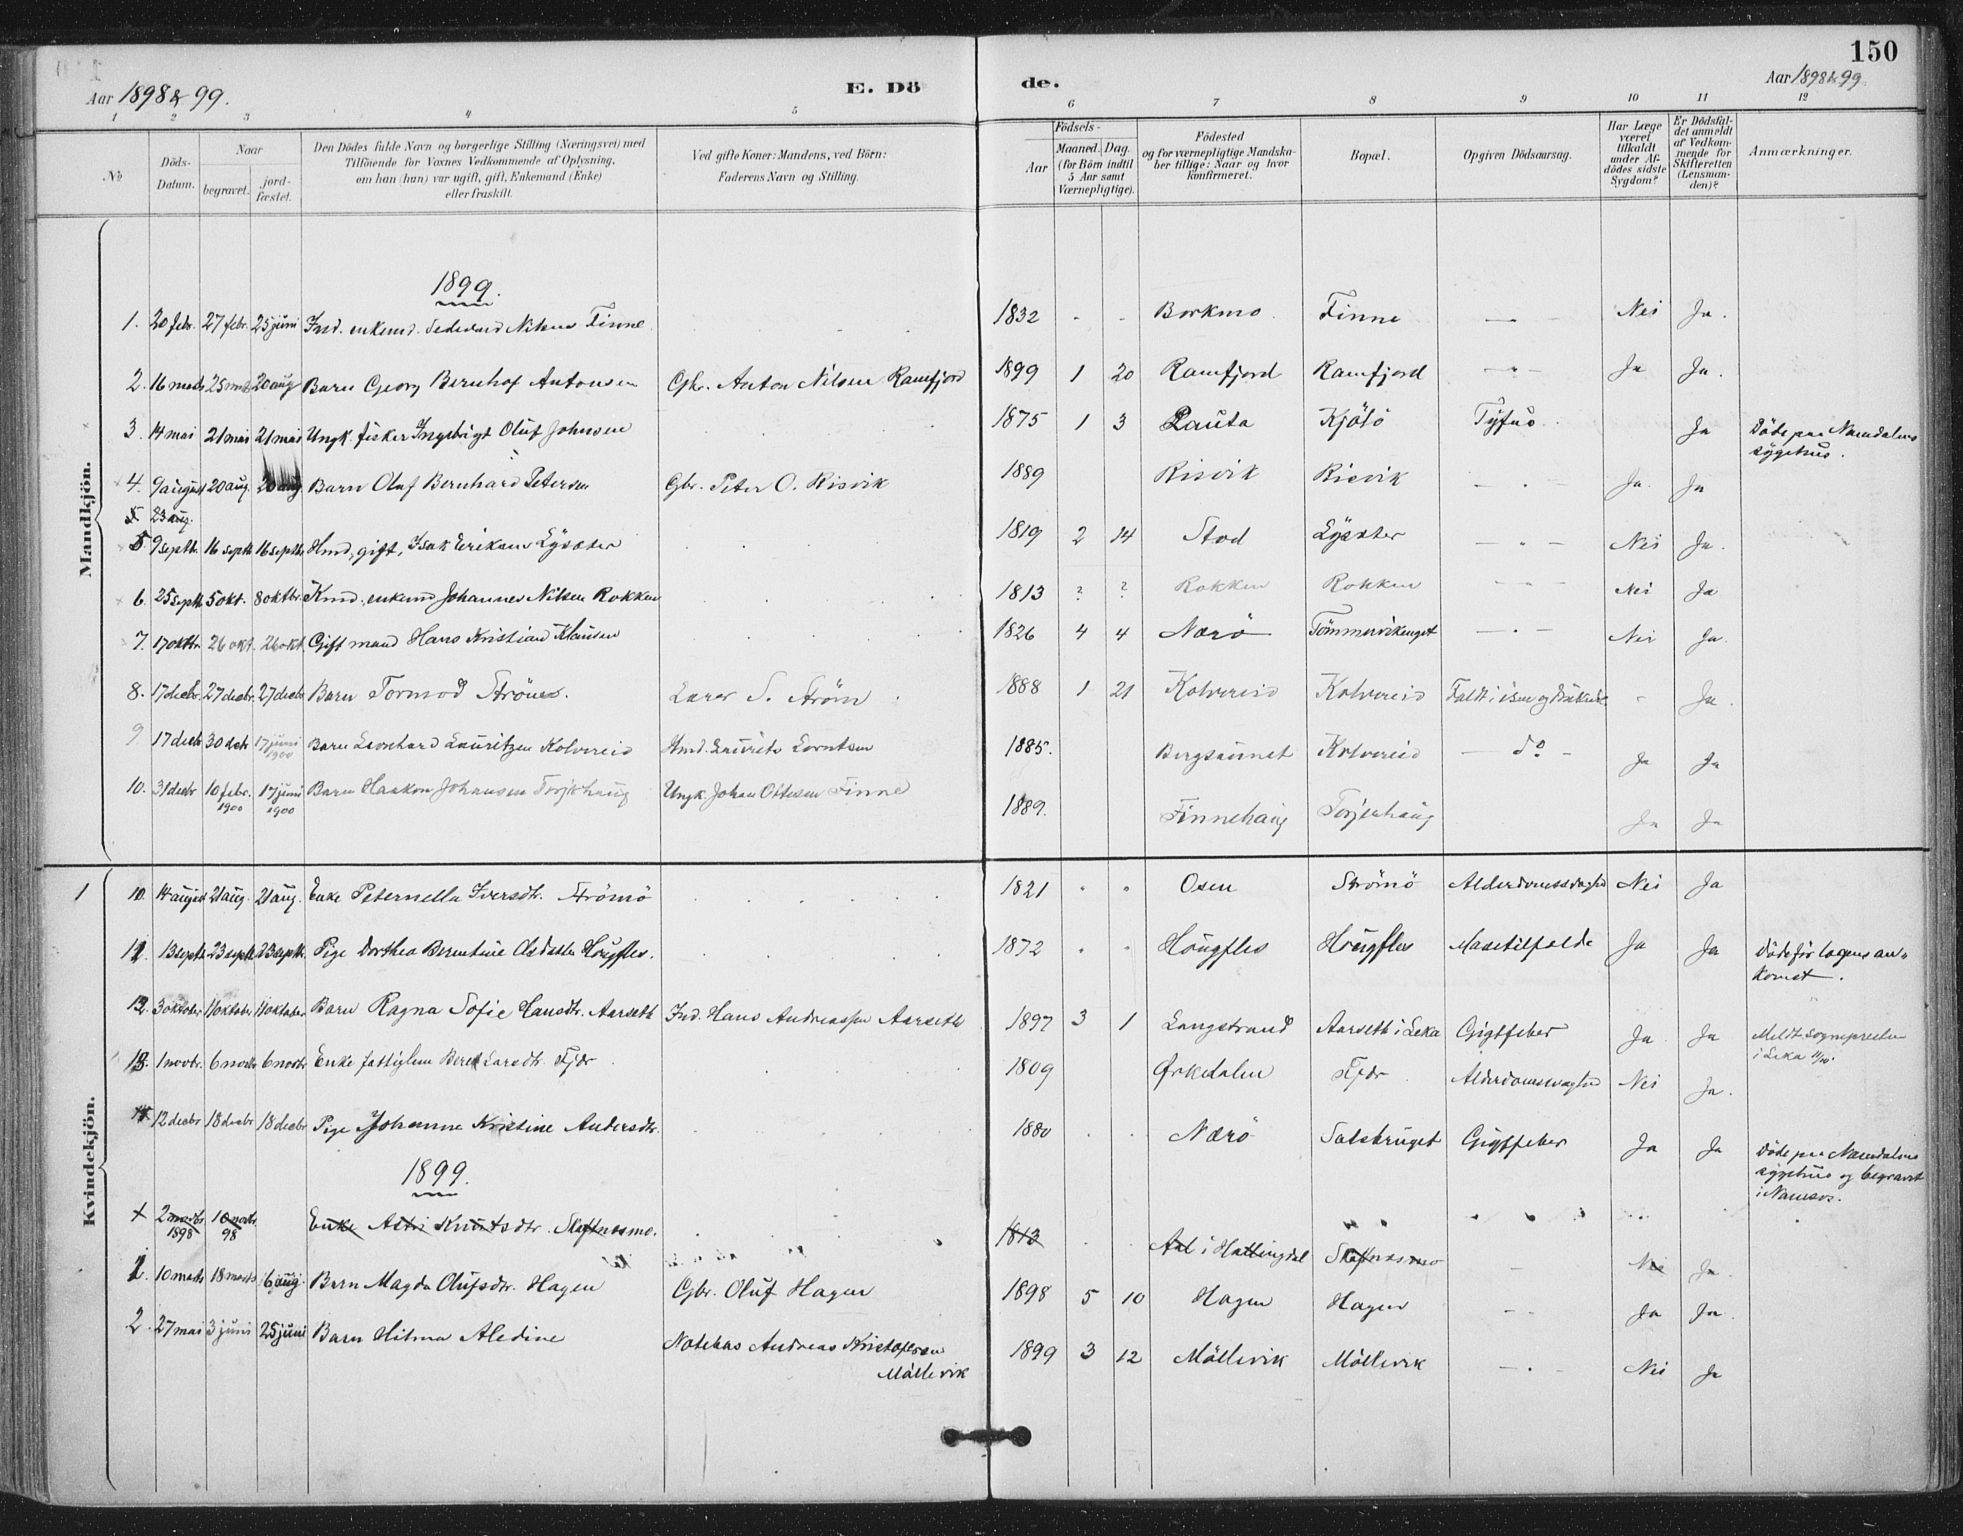 SAT, Ministerialprotokoller, klokkerbøker og fødselsregistre - Nord-Trøndelag, 780/L0644: Ministerialbok nr. 780A08, 1886-1903, s. 150